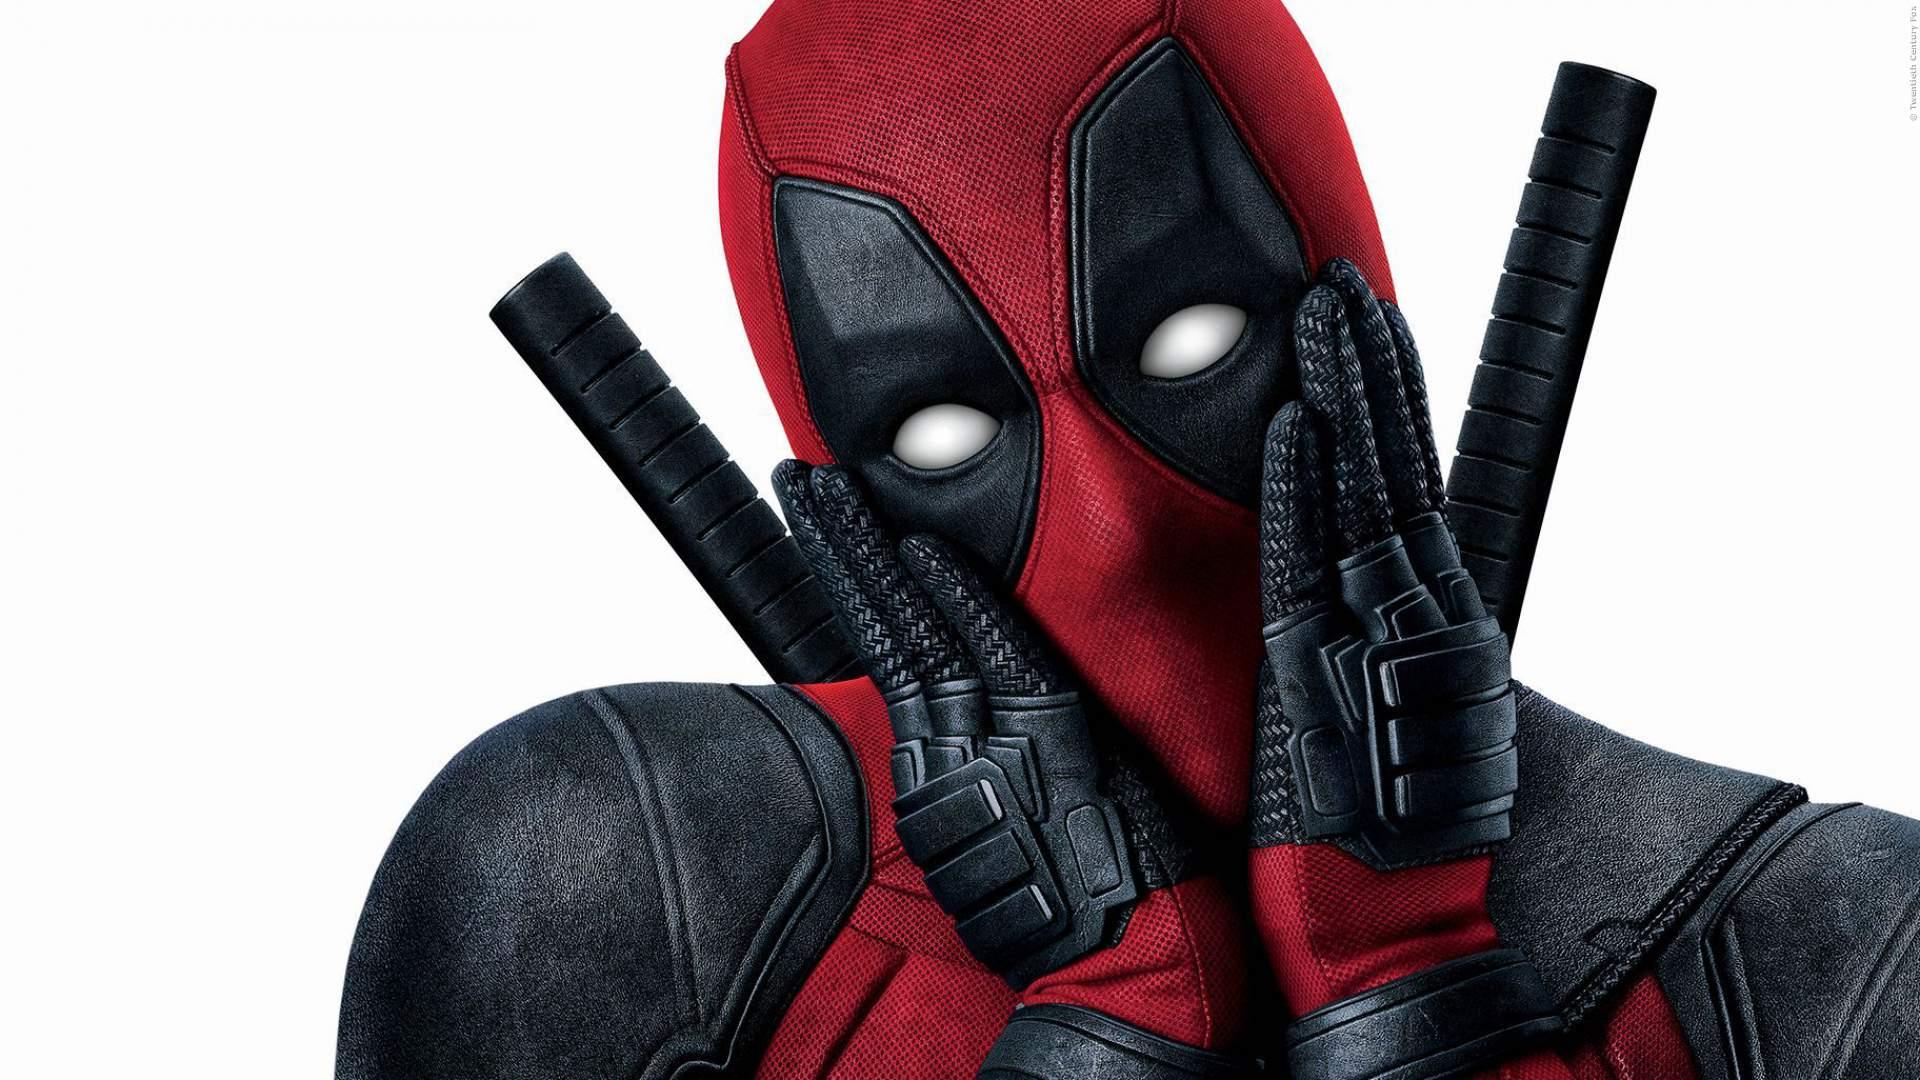 FSK: Disney spricht Klartext zur brutalen Gewalt in 'Deadpool 3'